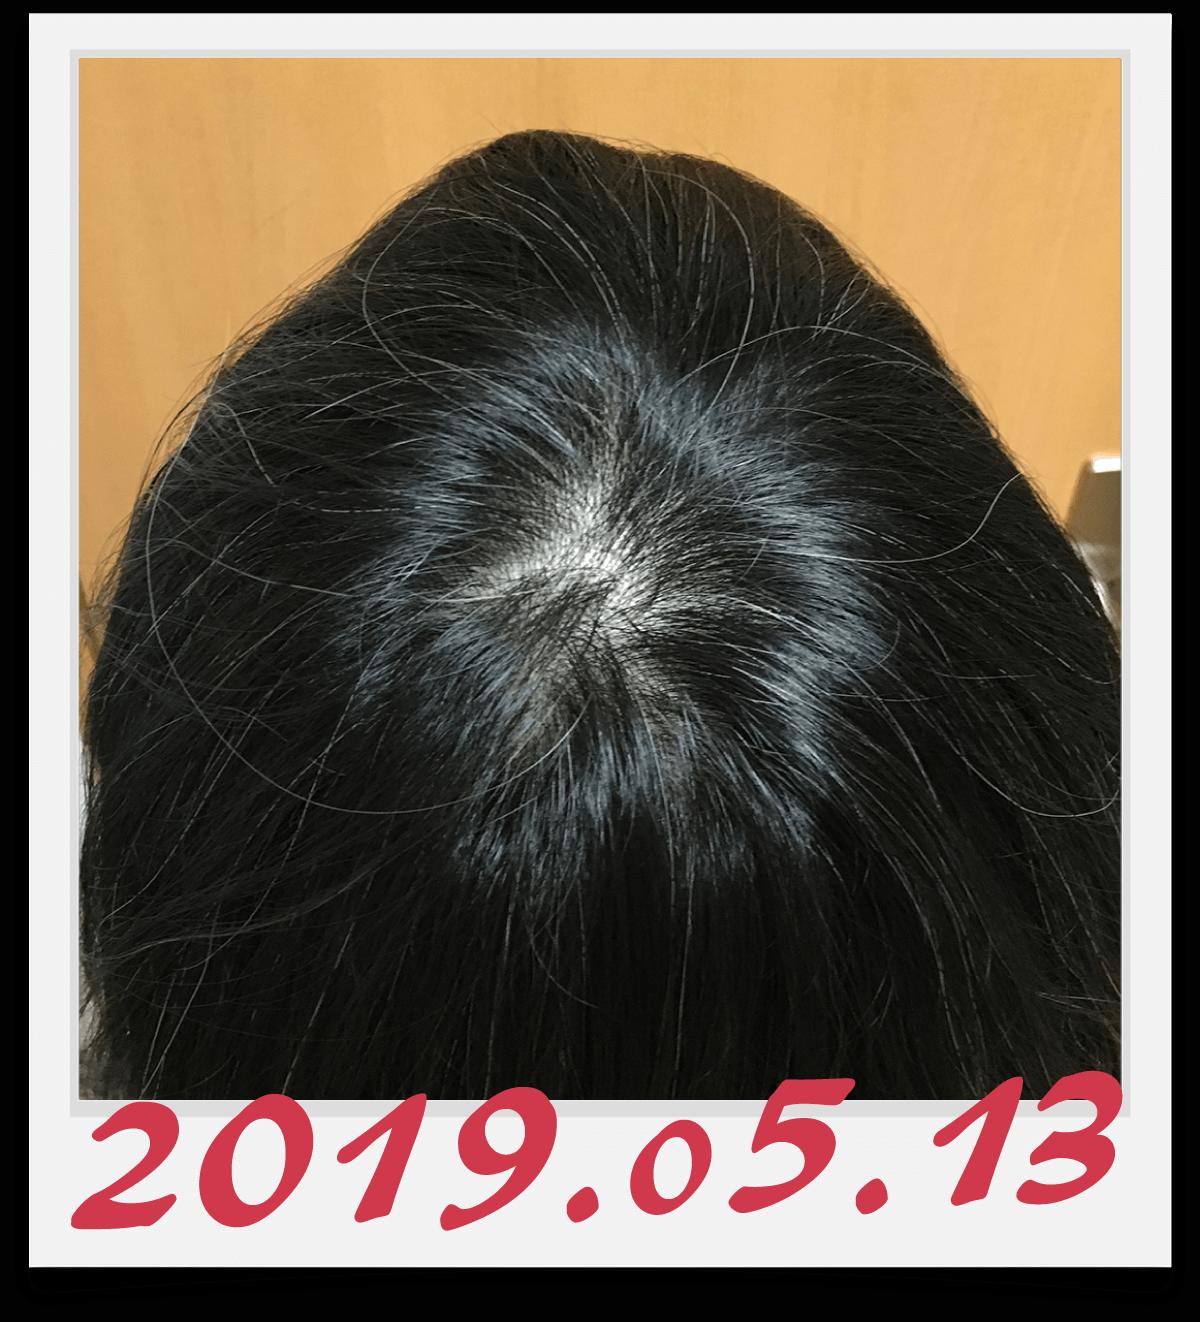 2019年5月13日に撮影した頭頂部